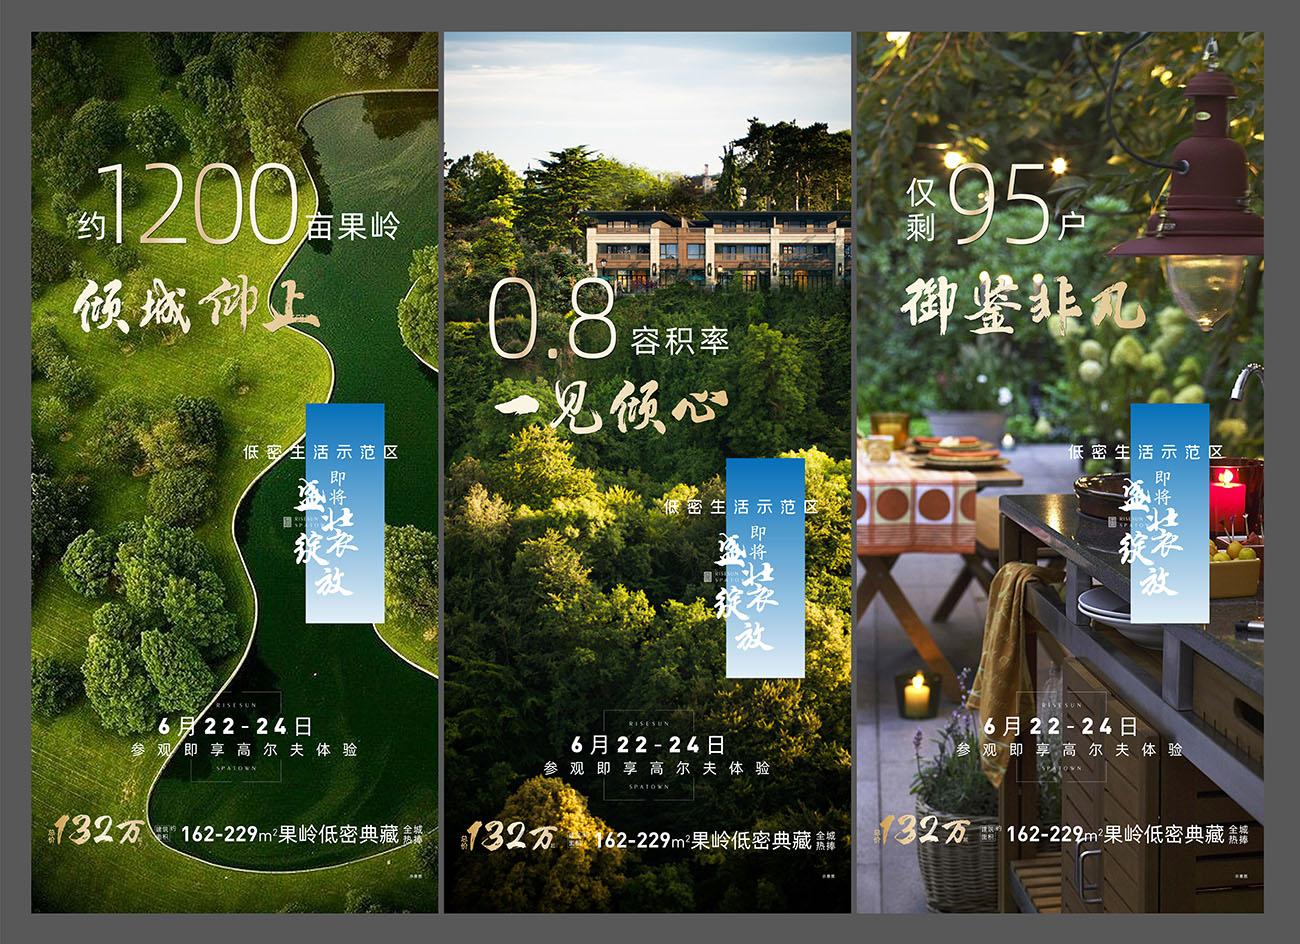 地产园林住宅示范区开放系列稿AI源文件插图